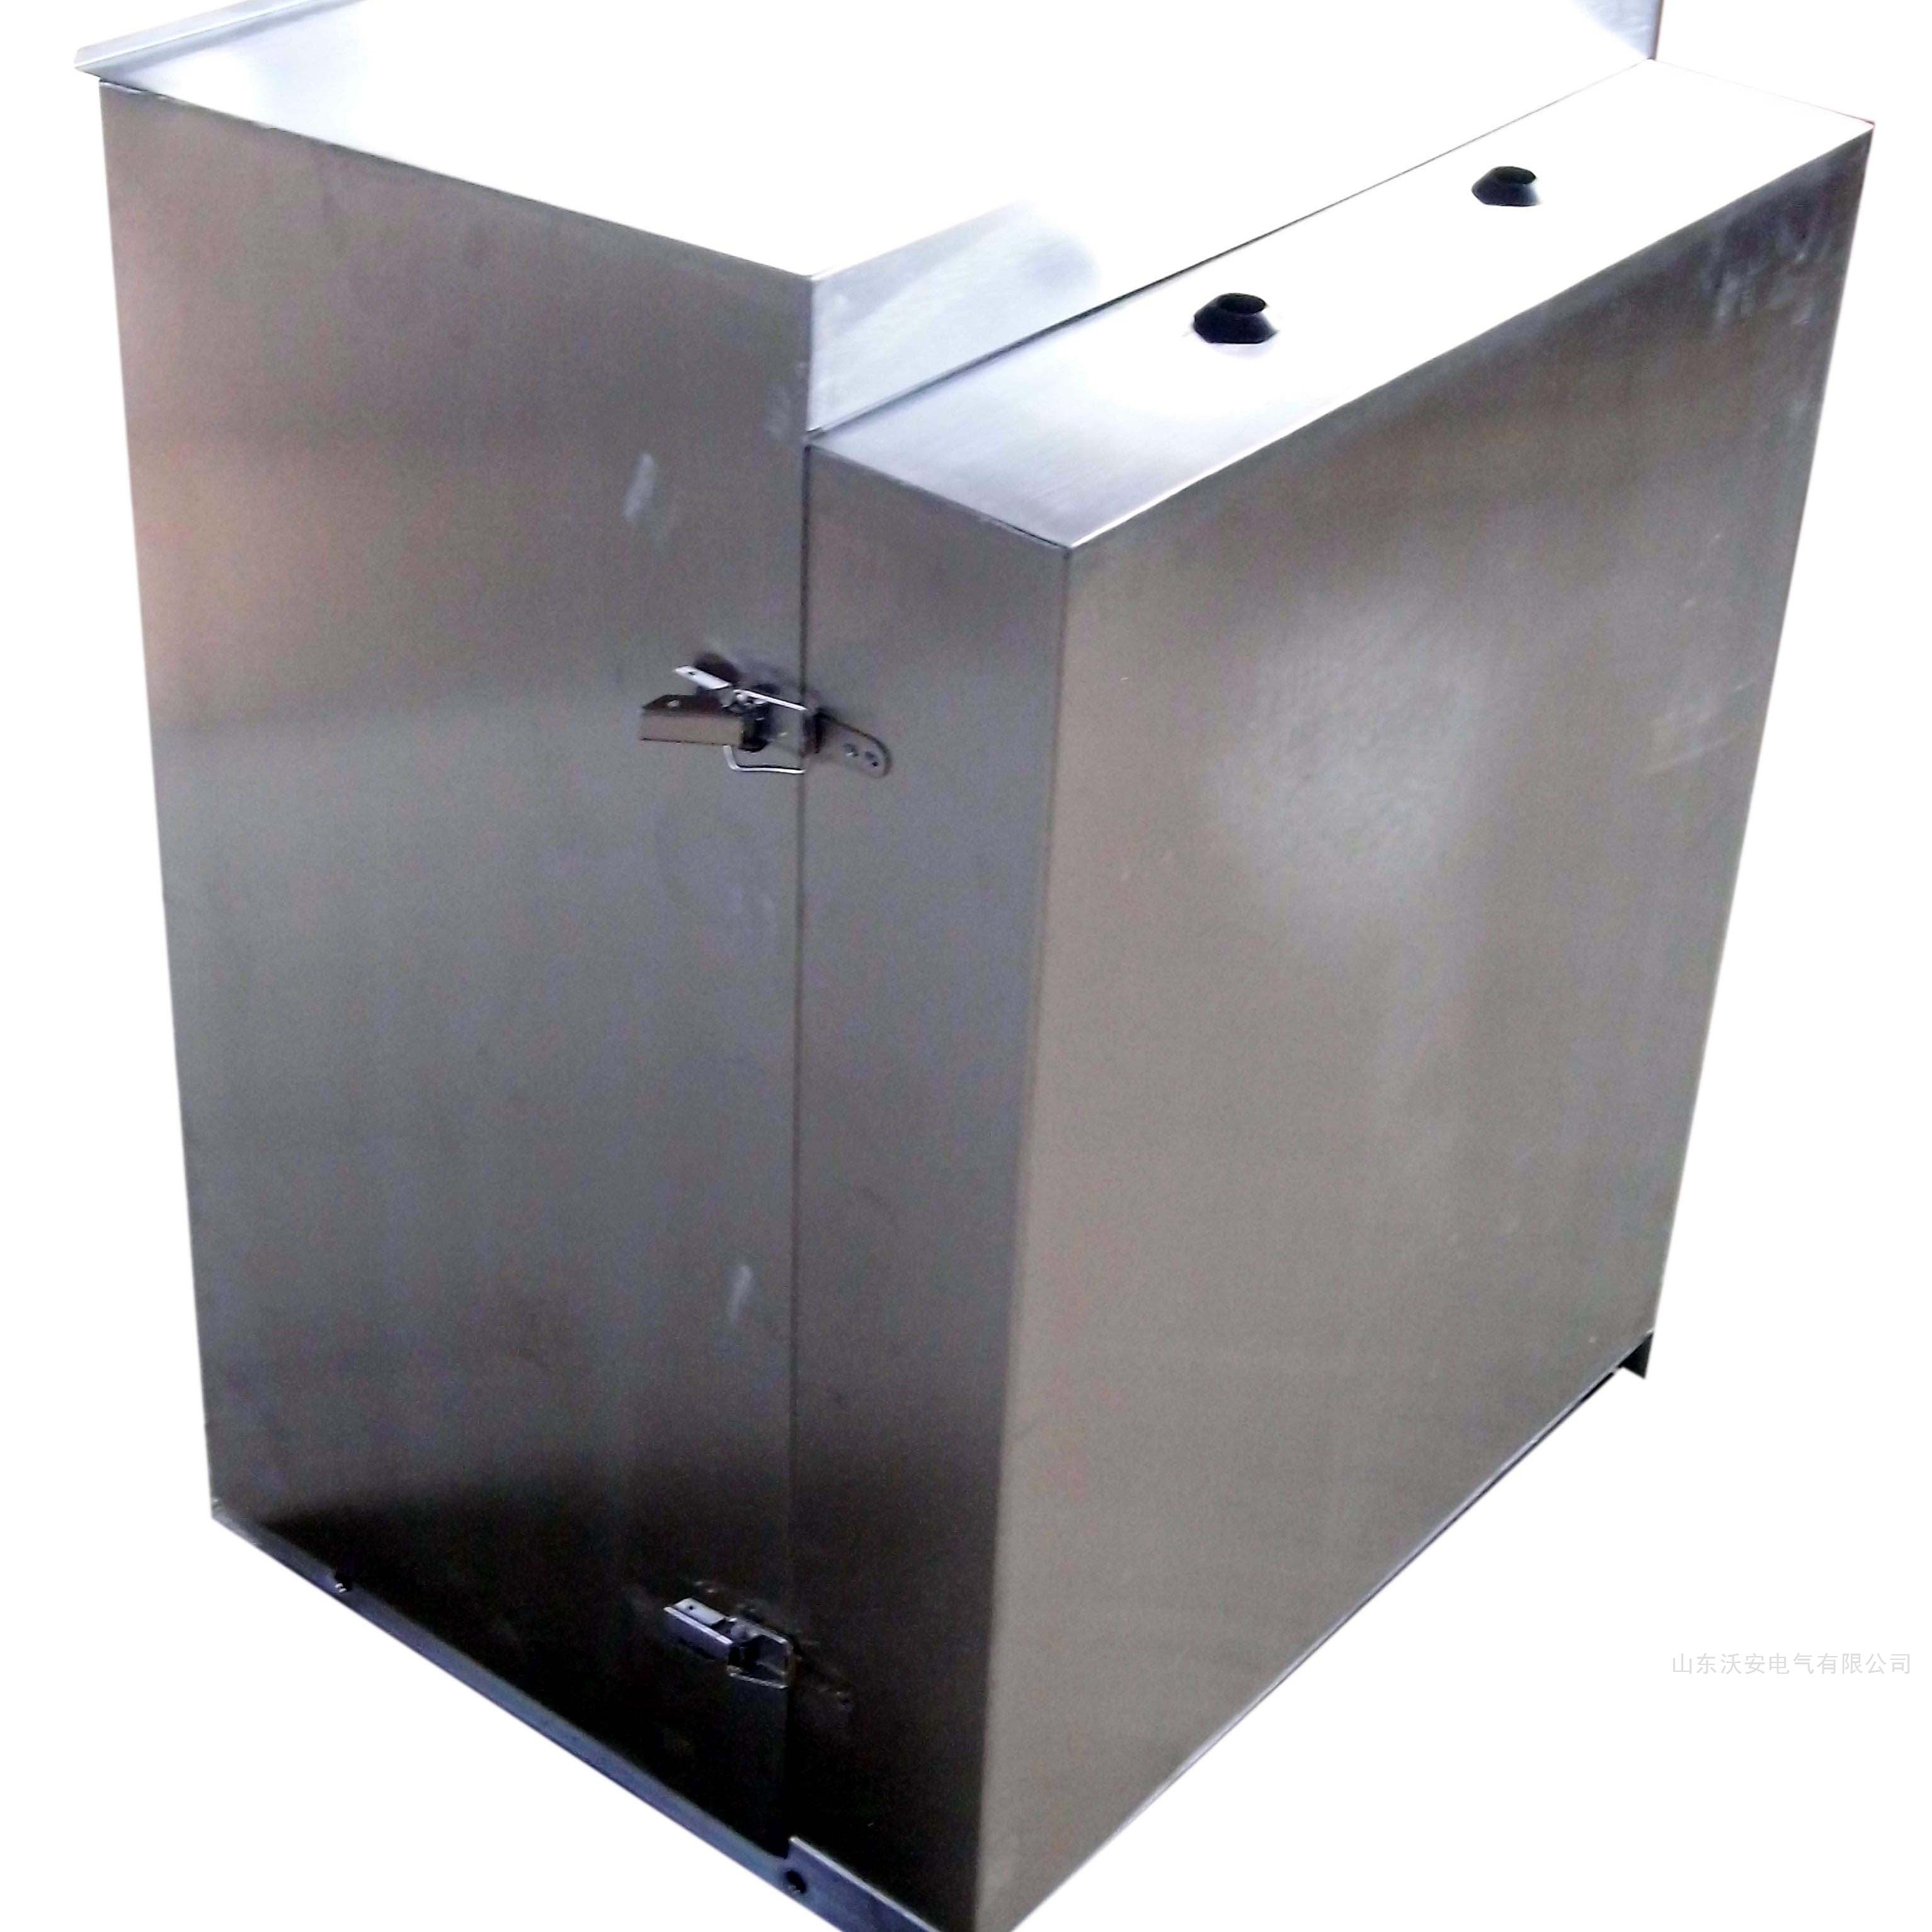 电热带仪表箱制造|不锈钢壳体